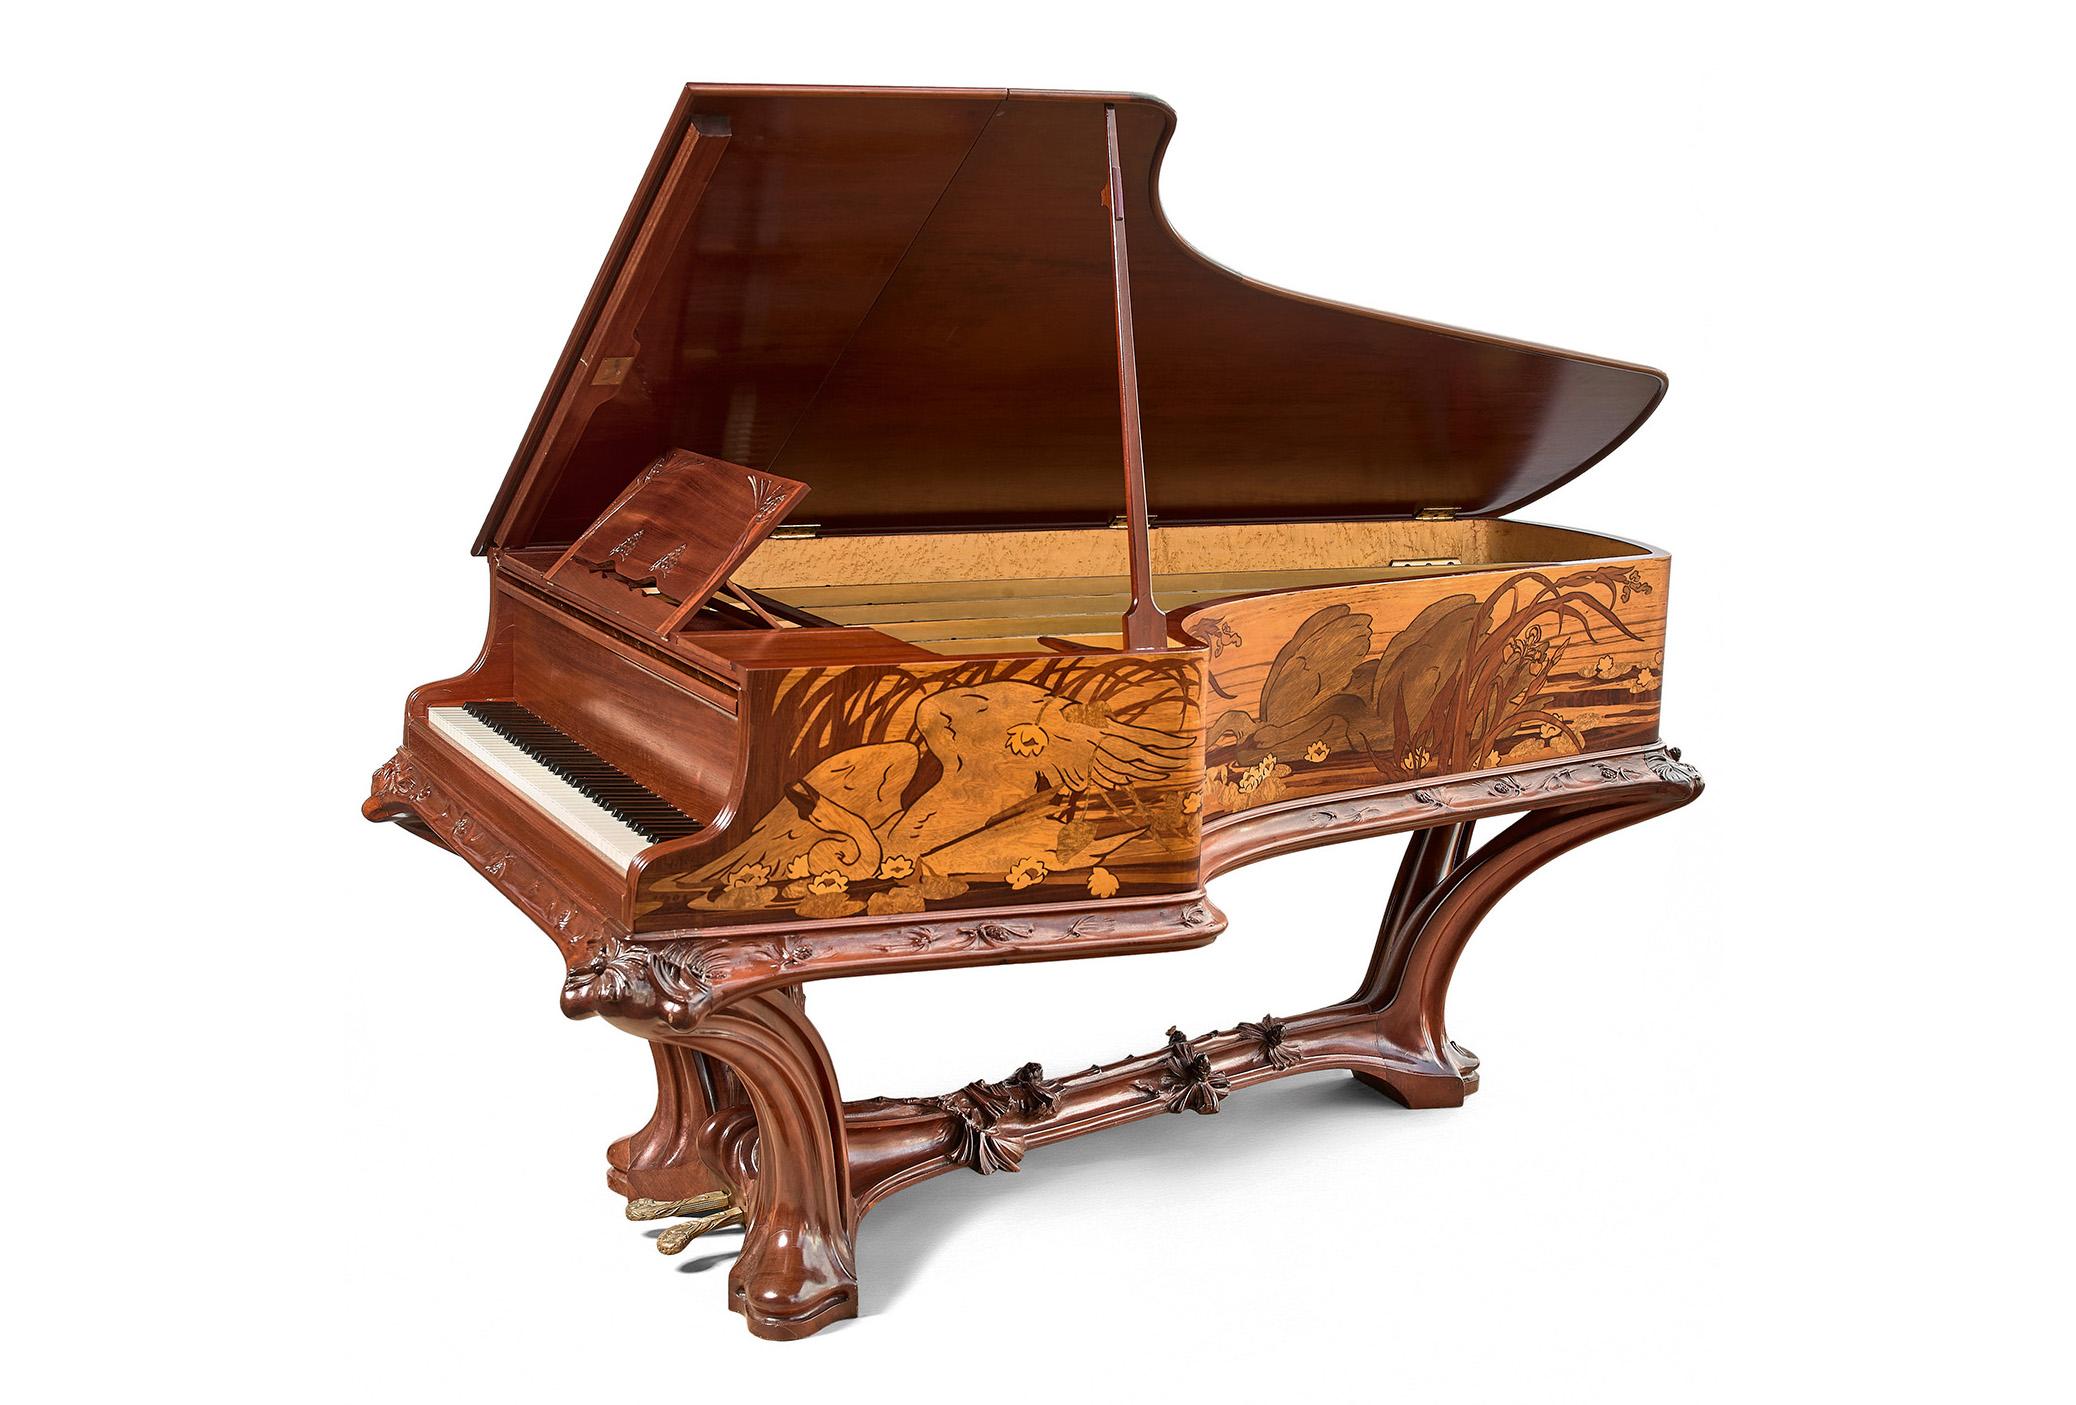 Louis Majorelle et Victor Prouvé, La Mort du Cygne, 1903, piano 1/2 queue, image © Tajan